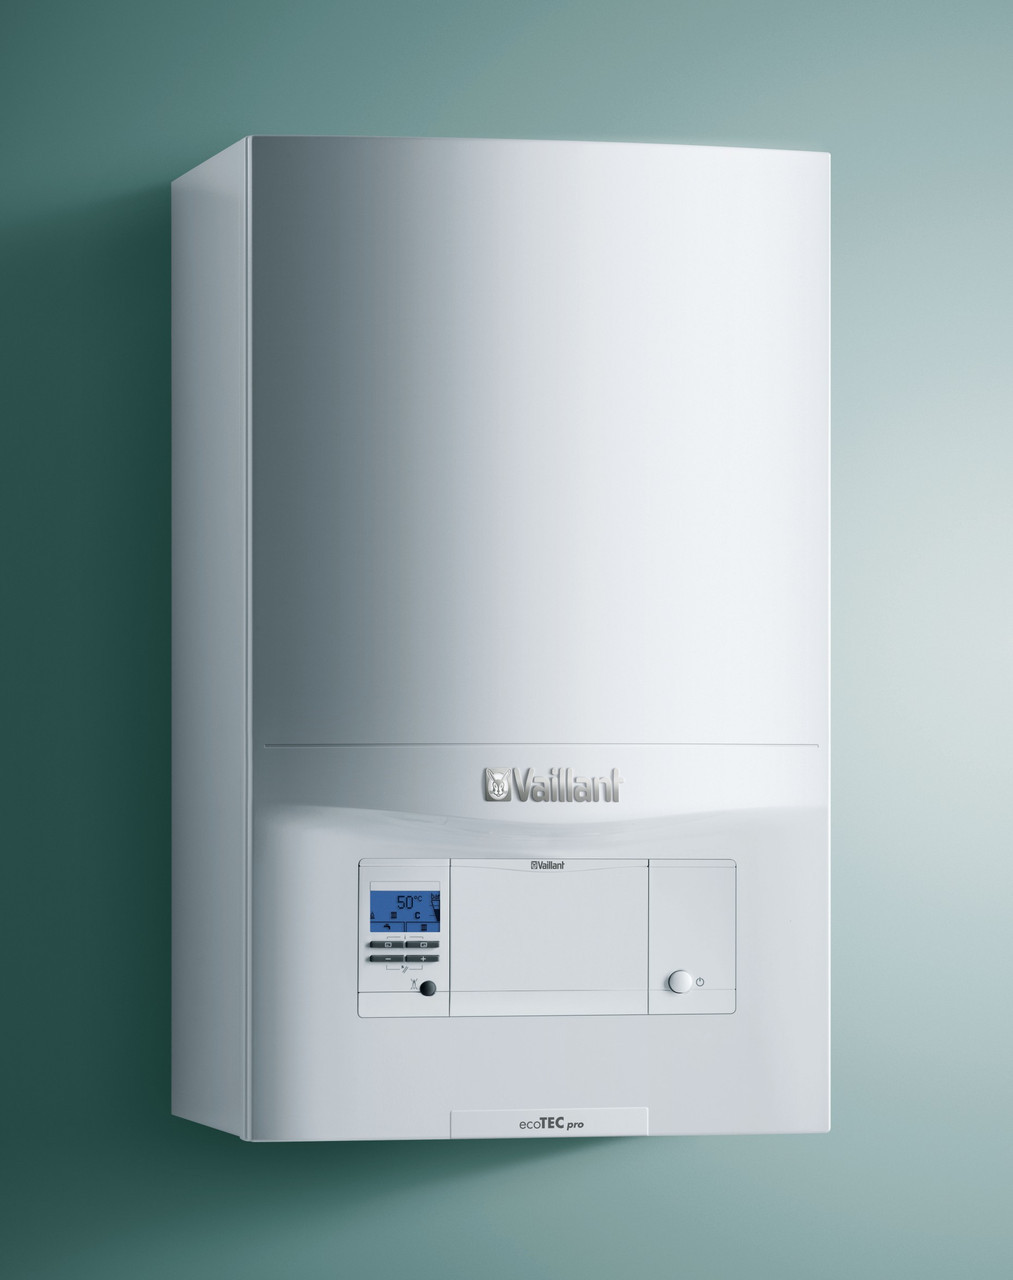 Конденсационный котел со встроенным приготовлением горячей воды Vaillant ecoTEC pro VUW INT 24кВт